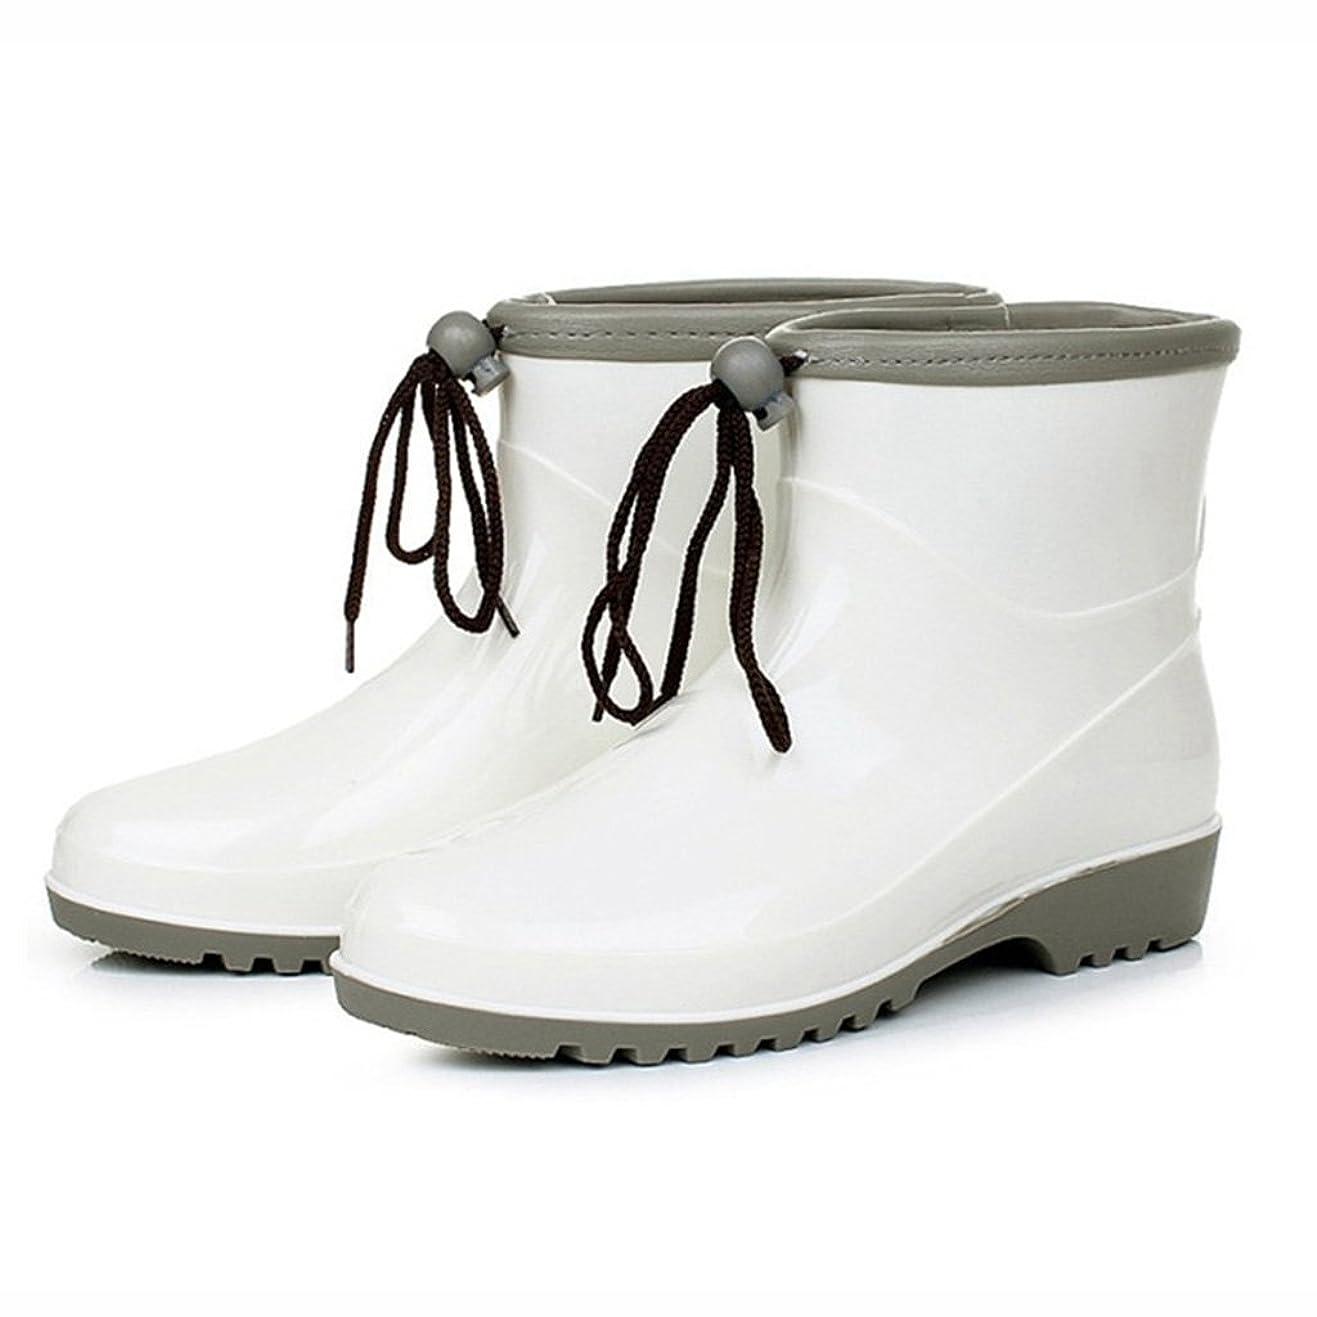 上に築きます検索政治家[HR株式会社] レインブーツ レディース 雨靴 ショート ヒール約3.0cm ハイヒール 美脚 お洒落 可愛い 紐飾り 防水 晴雨兼用 滑りにくい ホワイト 25.0cm